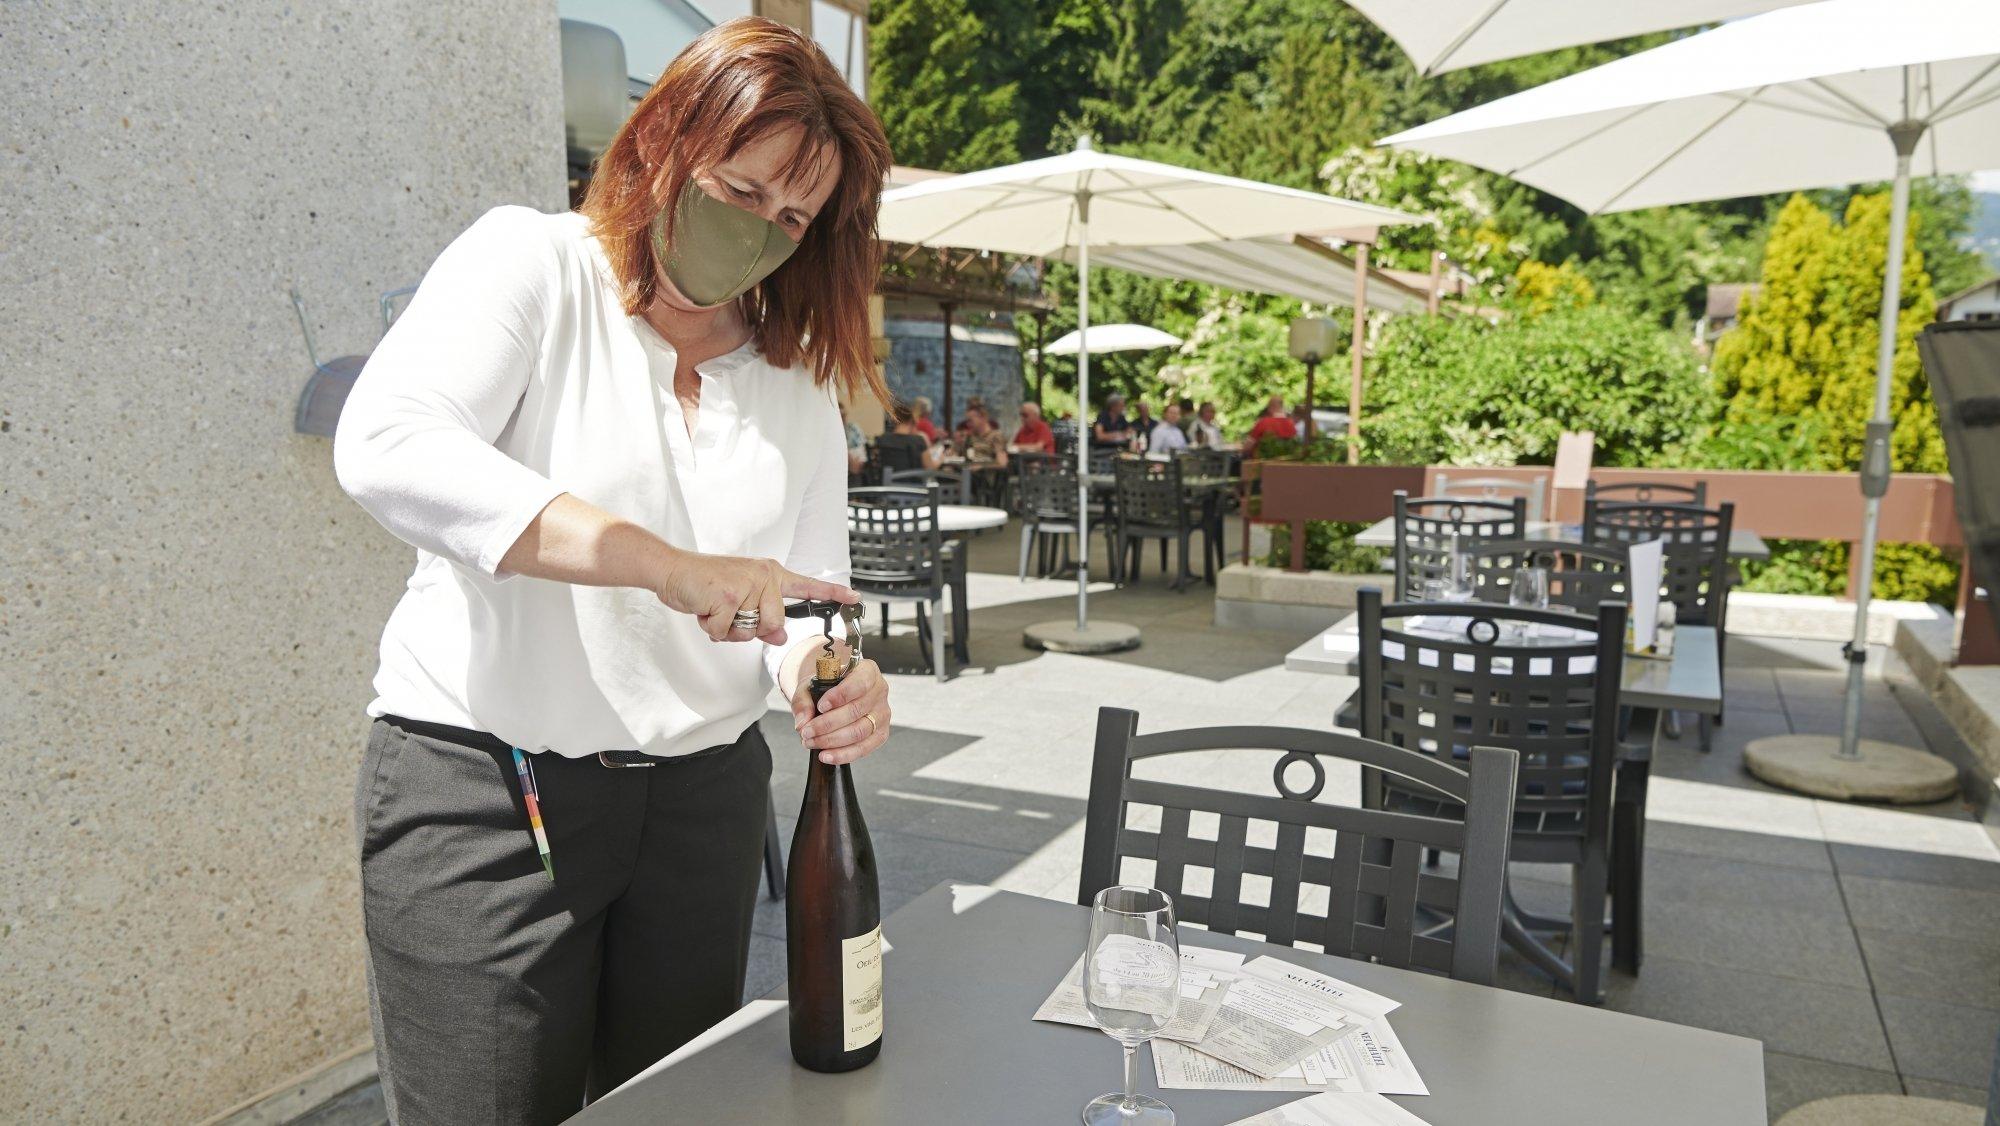 La solidarité autour du vin neuchâtelois n'a pas été aussi forte qu'espérée